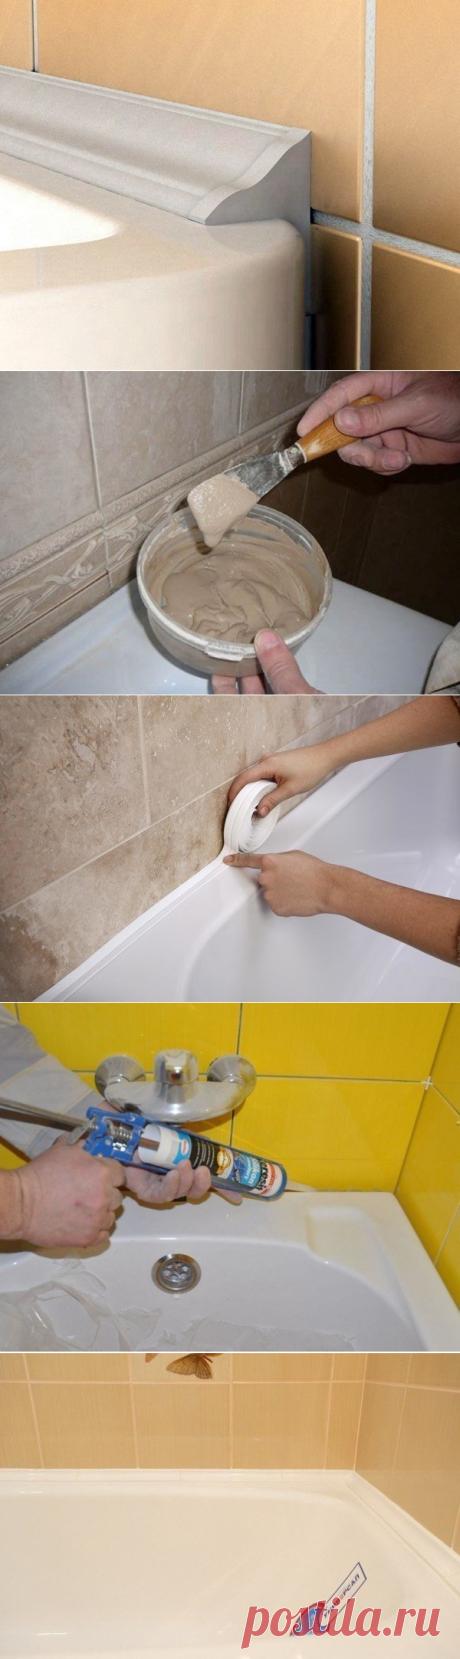 Cerramos la hendidura en el cuarto de baño profesionalmente